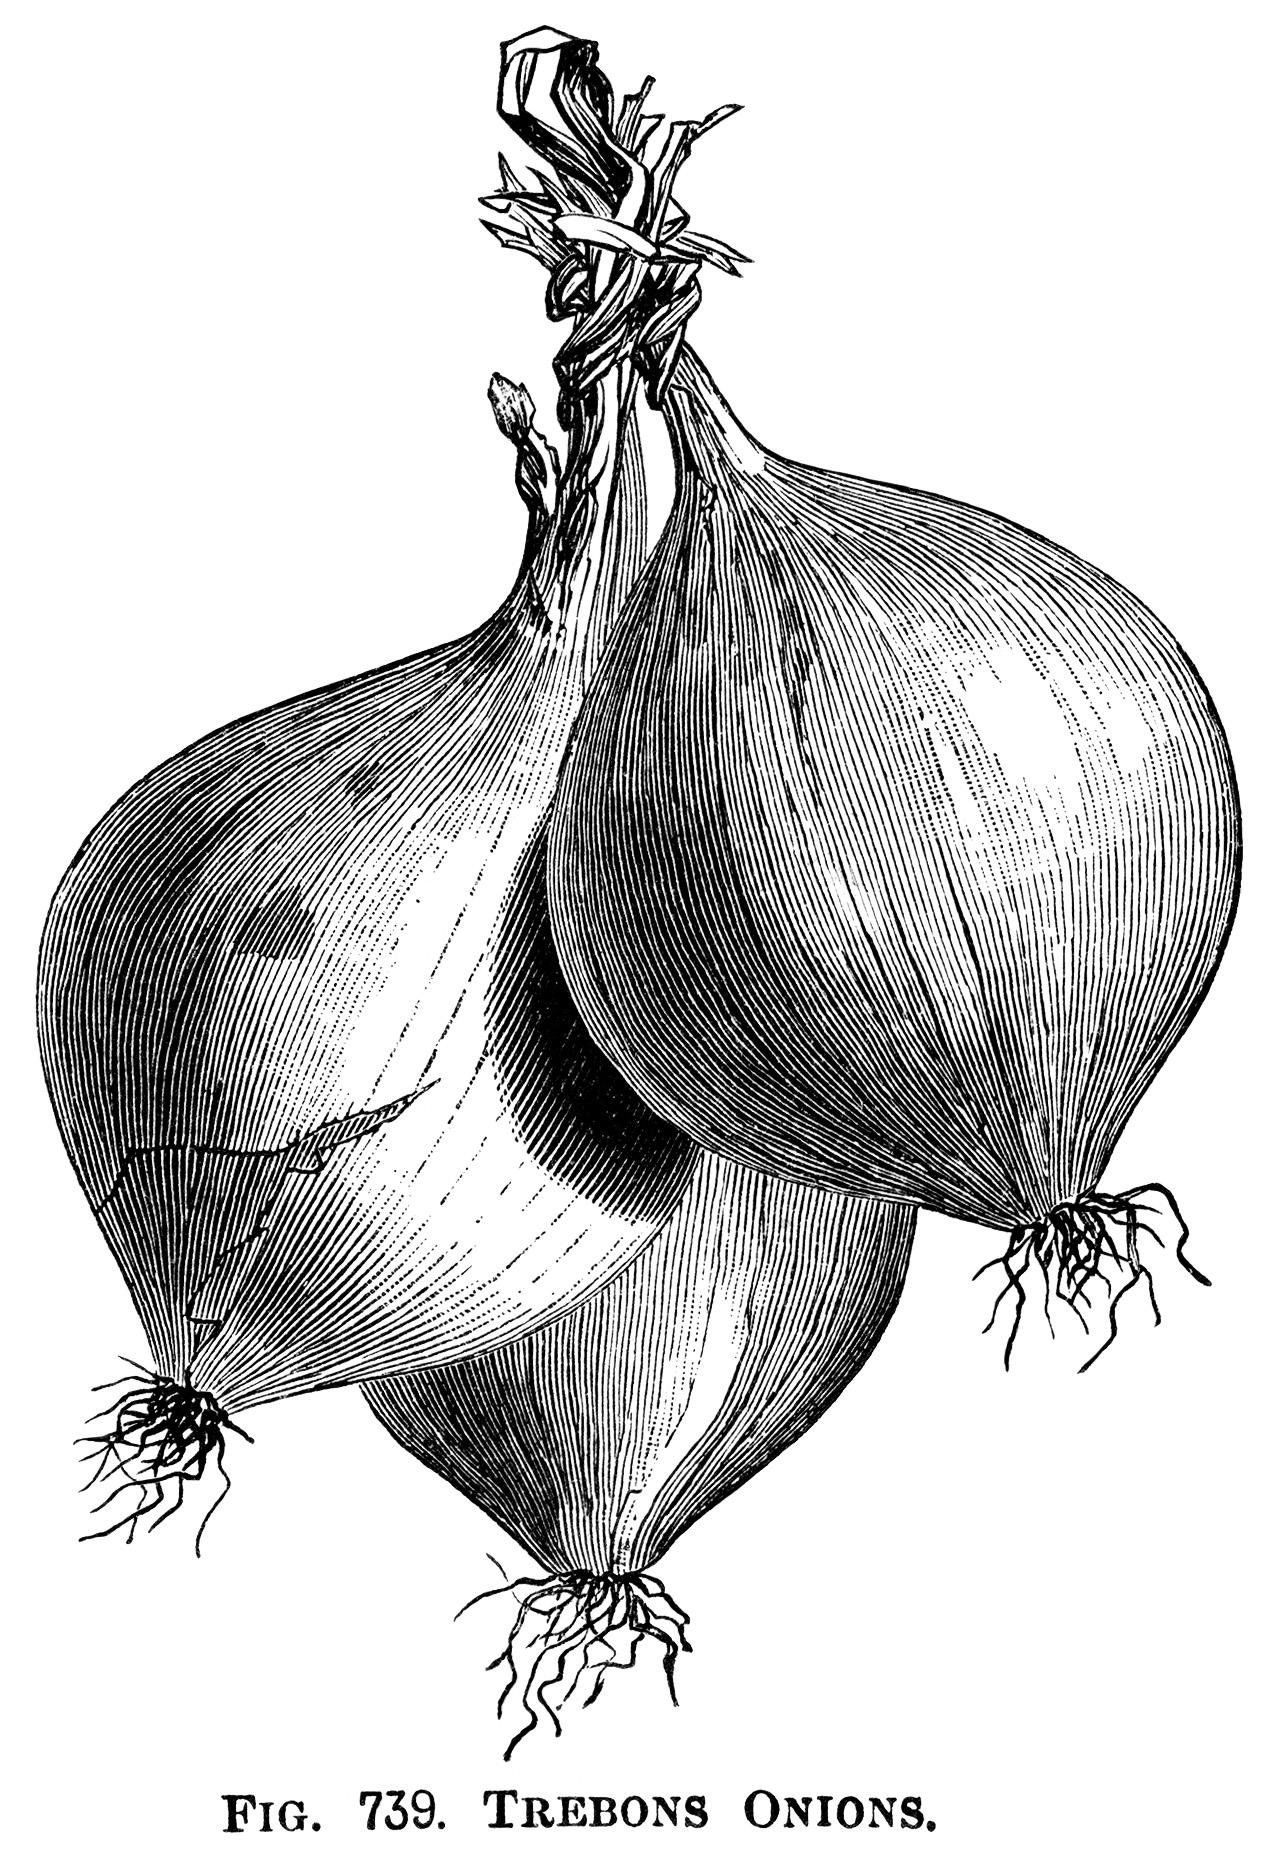 Onion clipart vintage. Trebons onions clip art